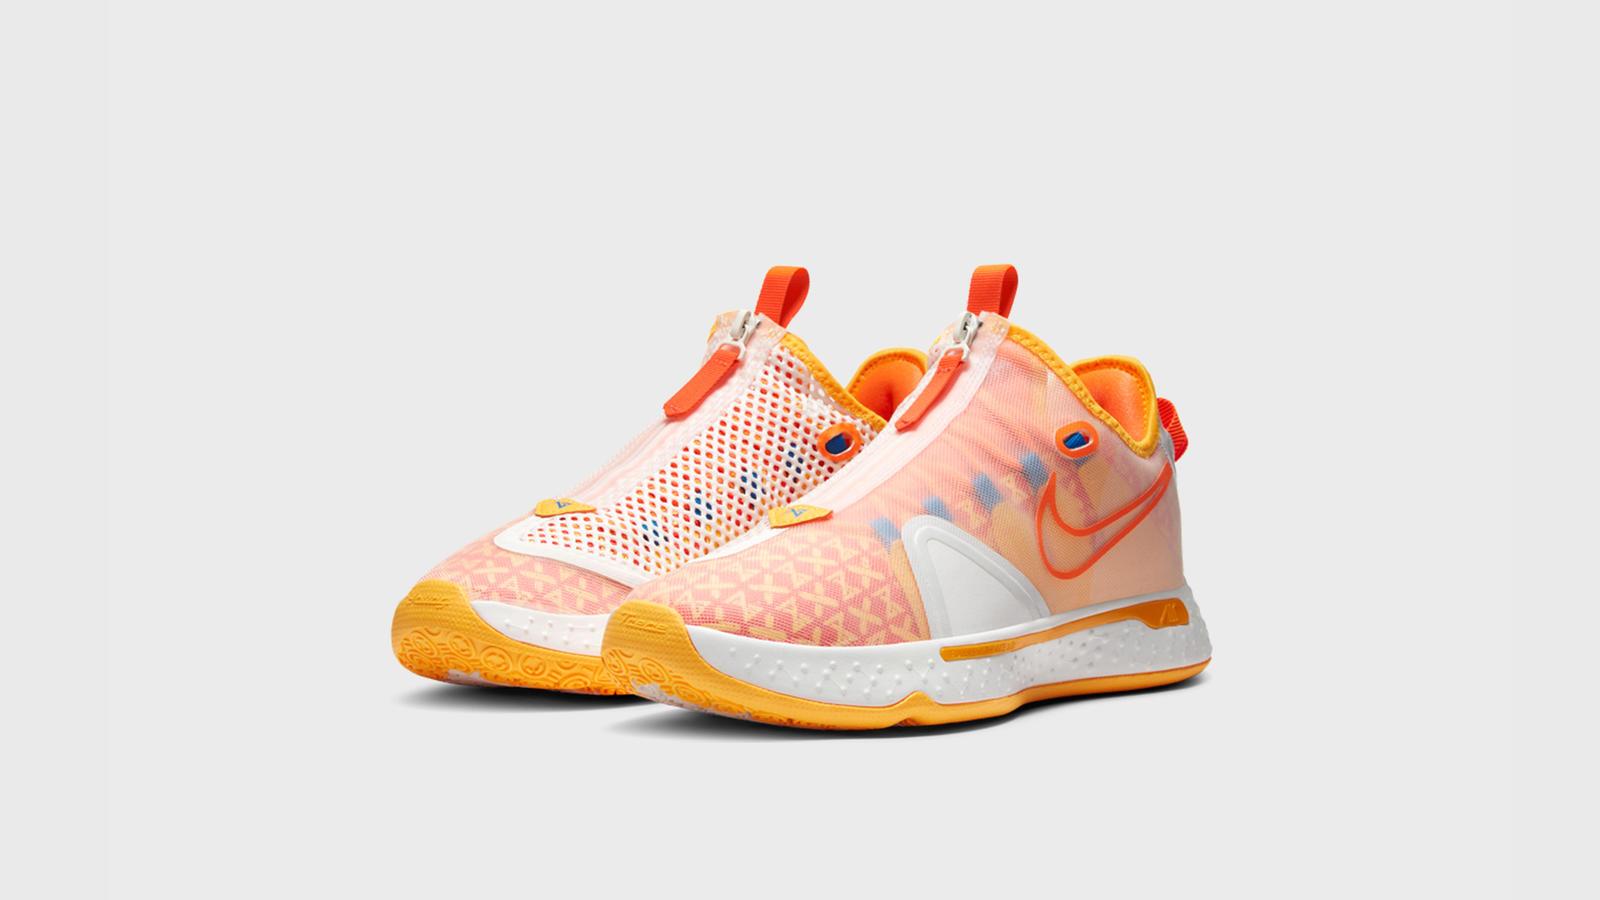 Nike Basketball Footwear NBA and WNBA Return 2020 17